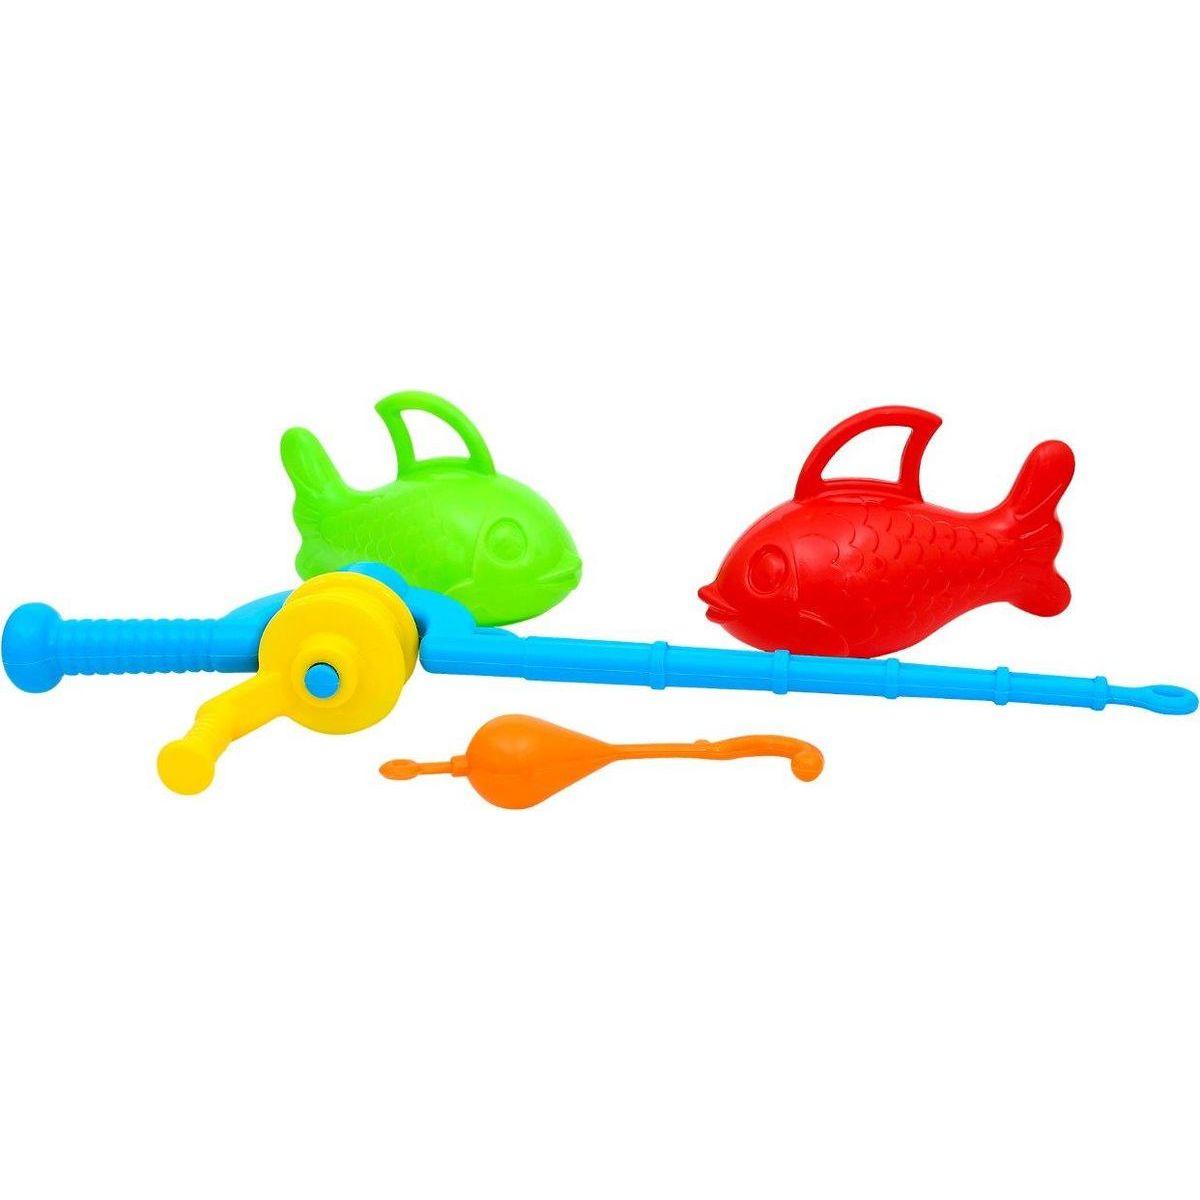 Toy Rybárska udica plastová detská s rybkami